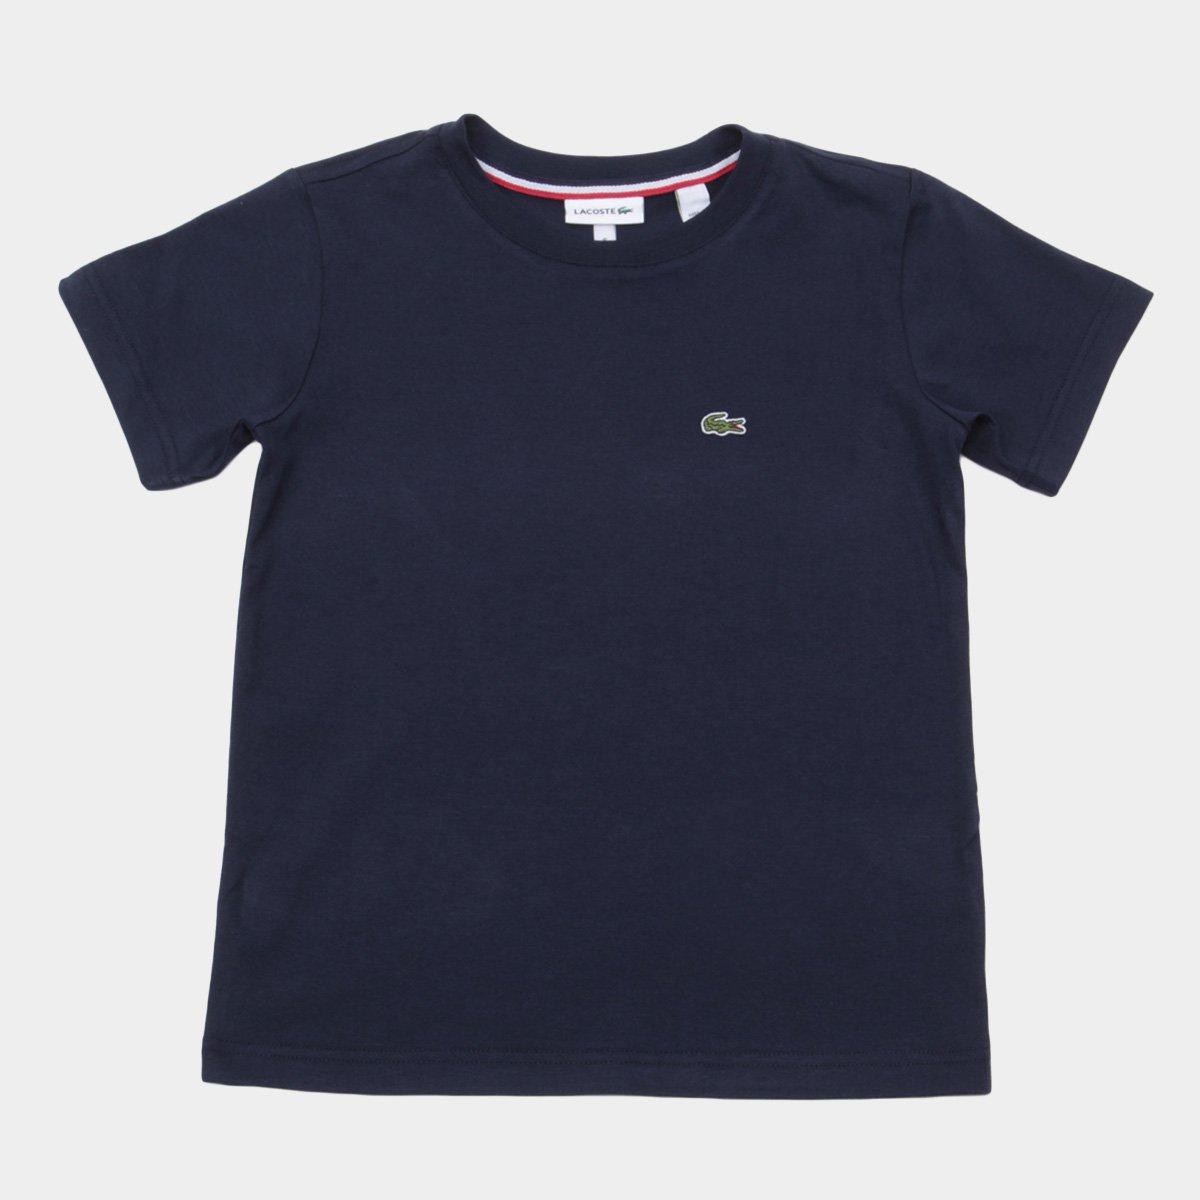 Camiseta Infantil Lacoste Logo Masculina - Marinho - Compre Agora ... ad251c67cb